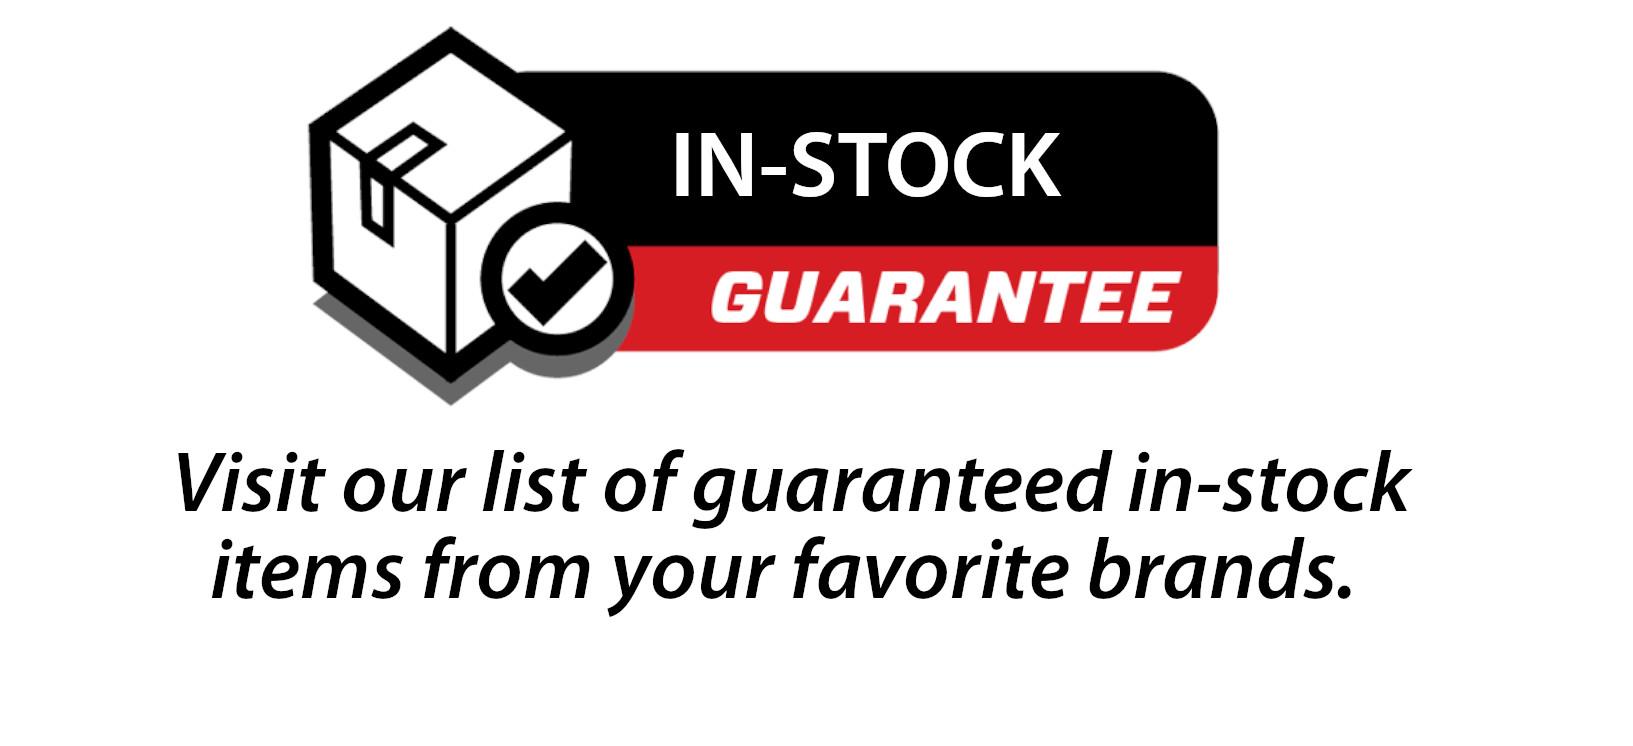 Guaranteed in-stock (1633 x746)